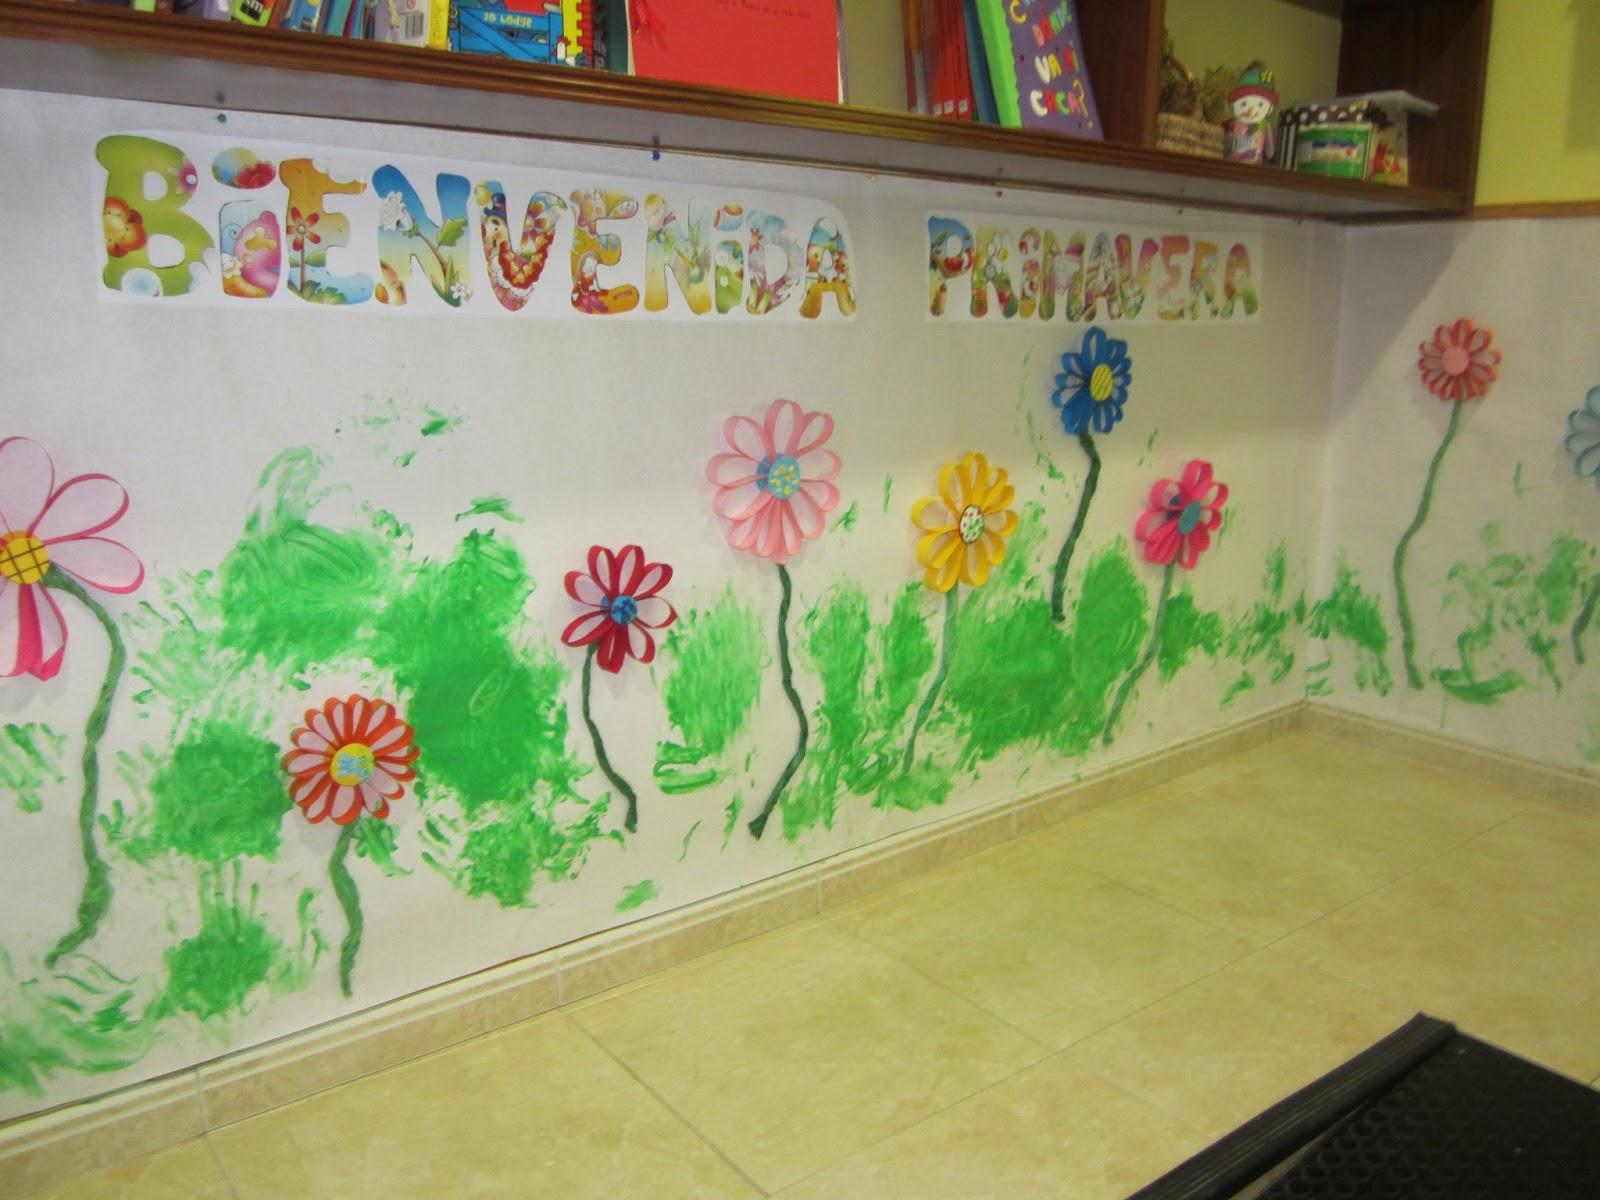 Creciendo en parrulos bienvenida primavera for Mural de flores y mariposas